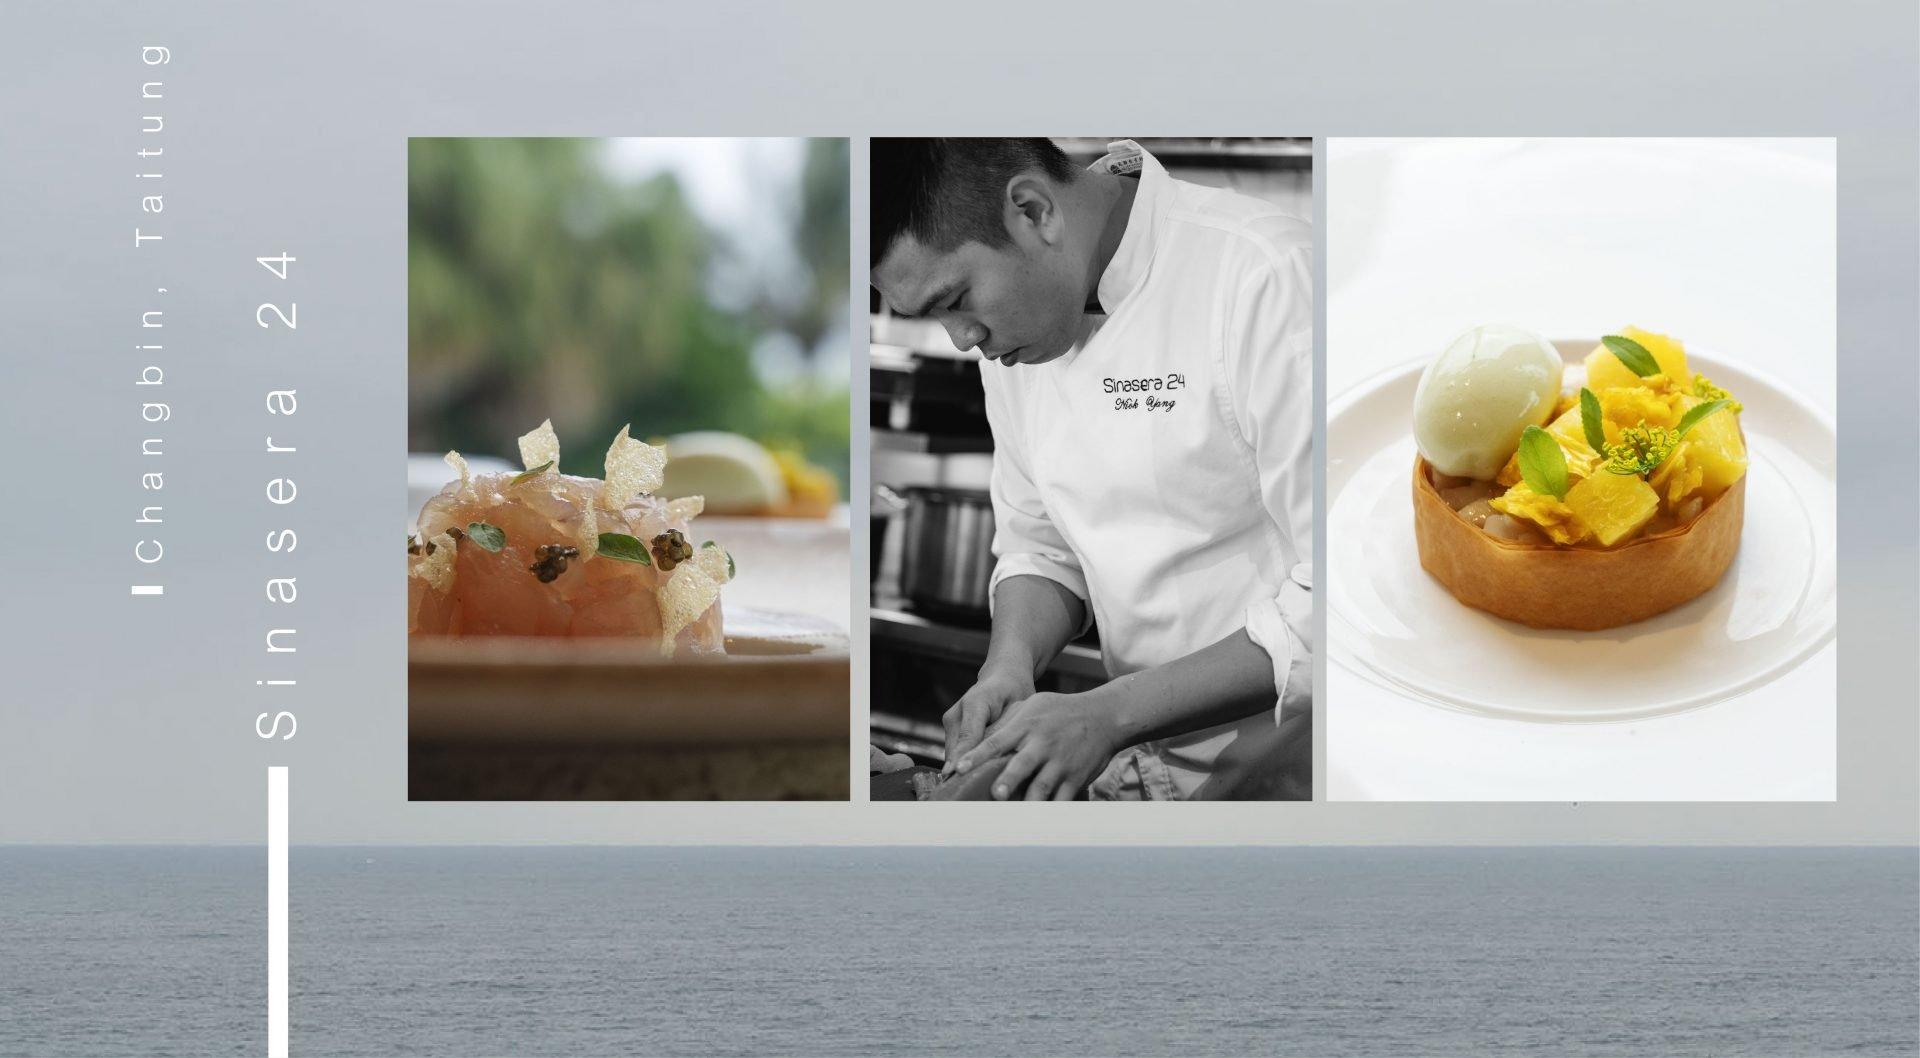 以海濱節氣為師 來自「當下」的菜單(下)—— 楊柏偉與 Sinasera 24 的在地料理信念